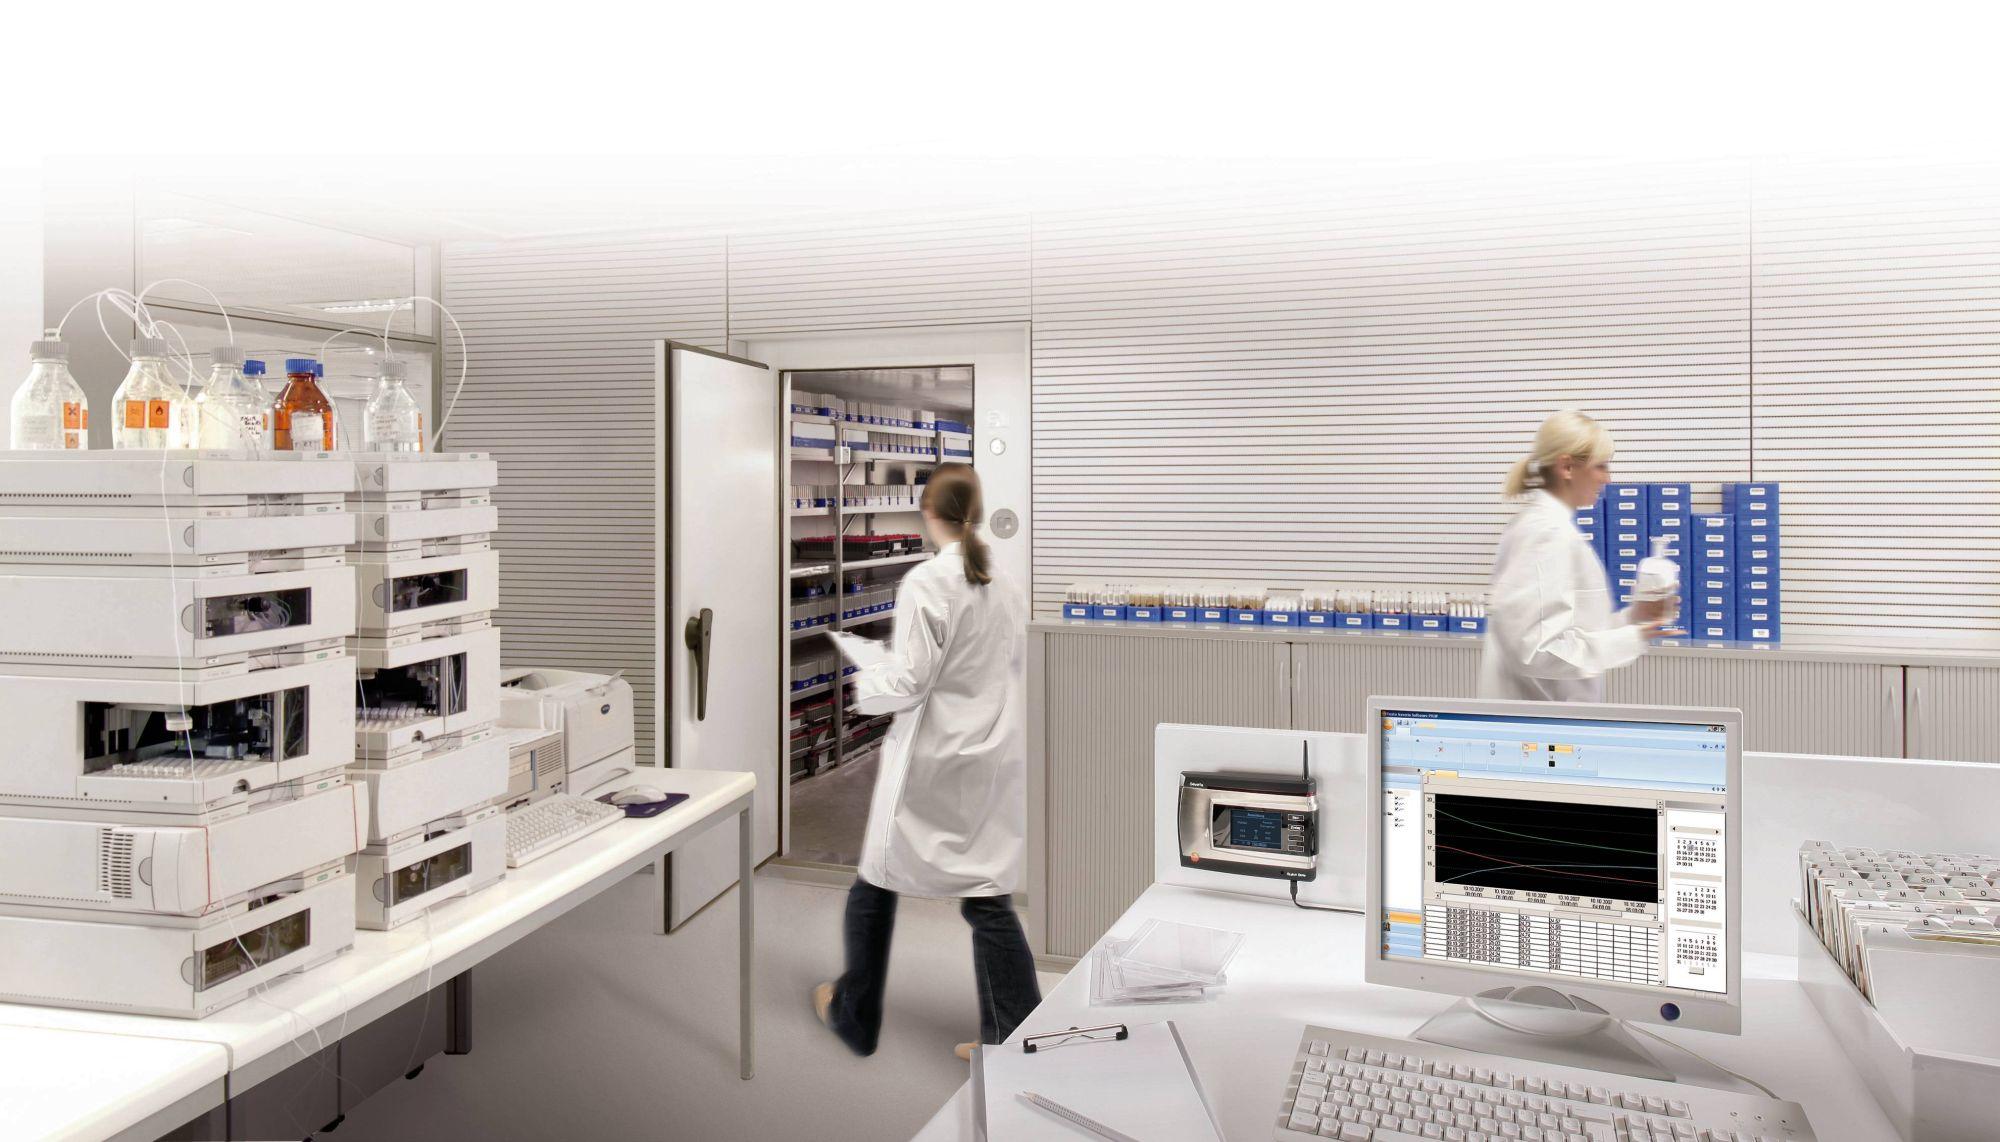 Imag-testoSaveris-Aplicacion-Pharma-01.jpg